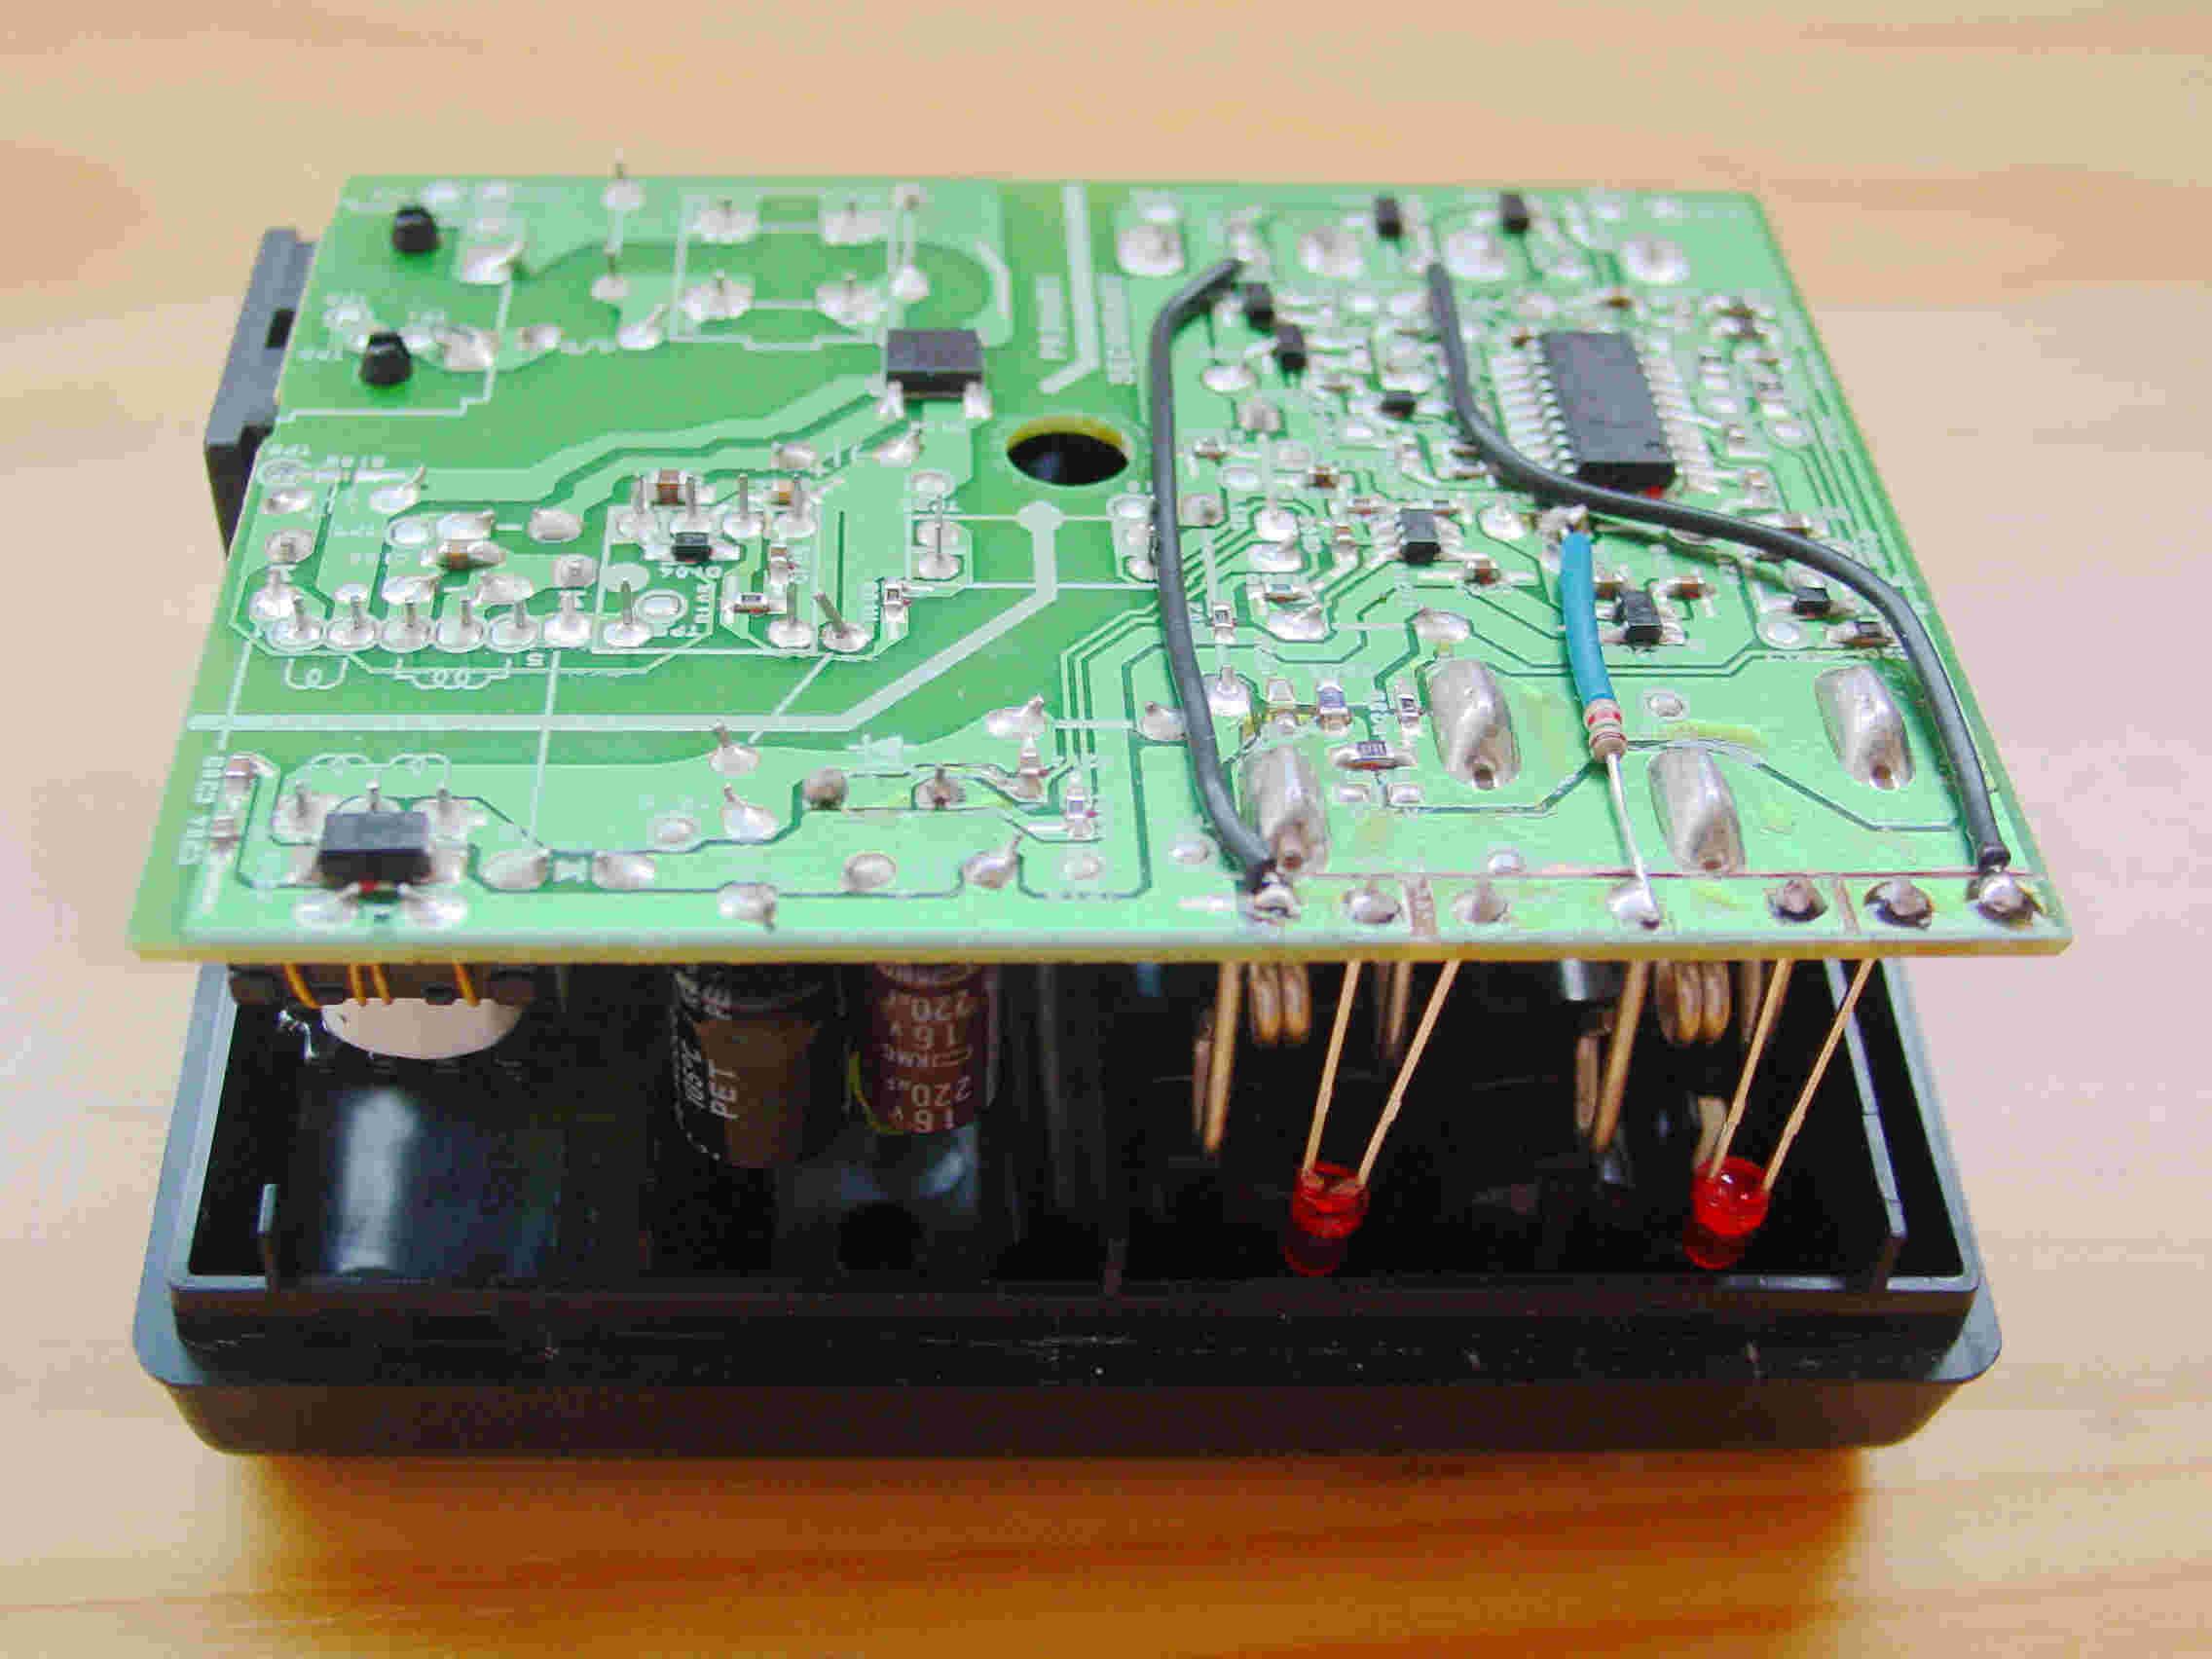 cs2a加指示灯,把led直接焊在对应电池负极的电路板上